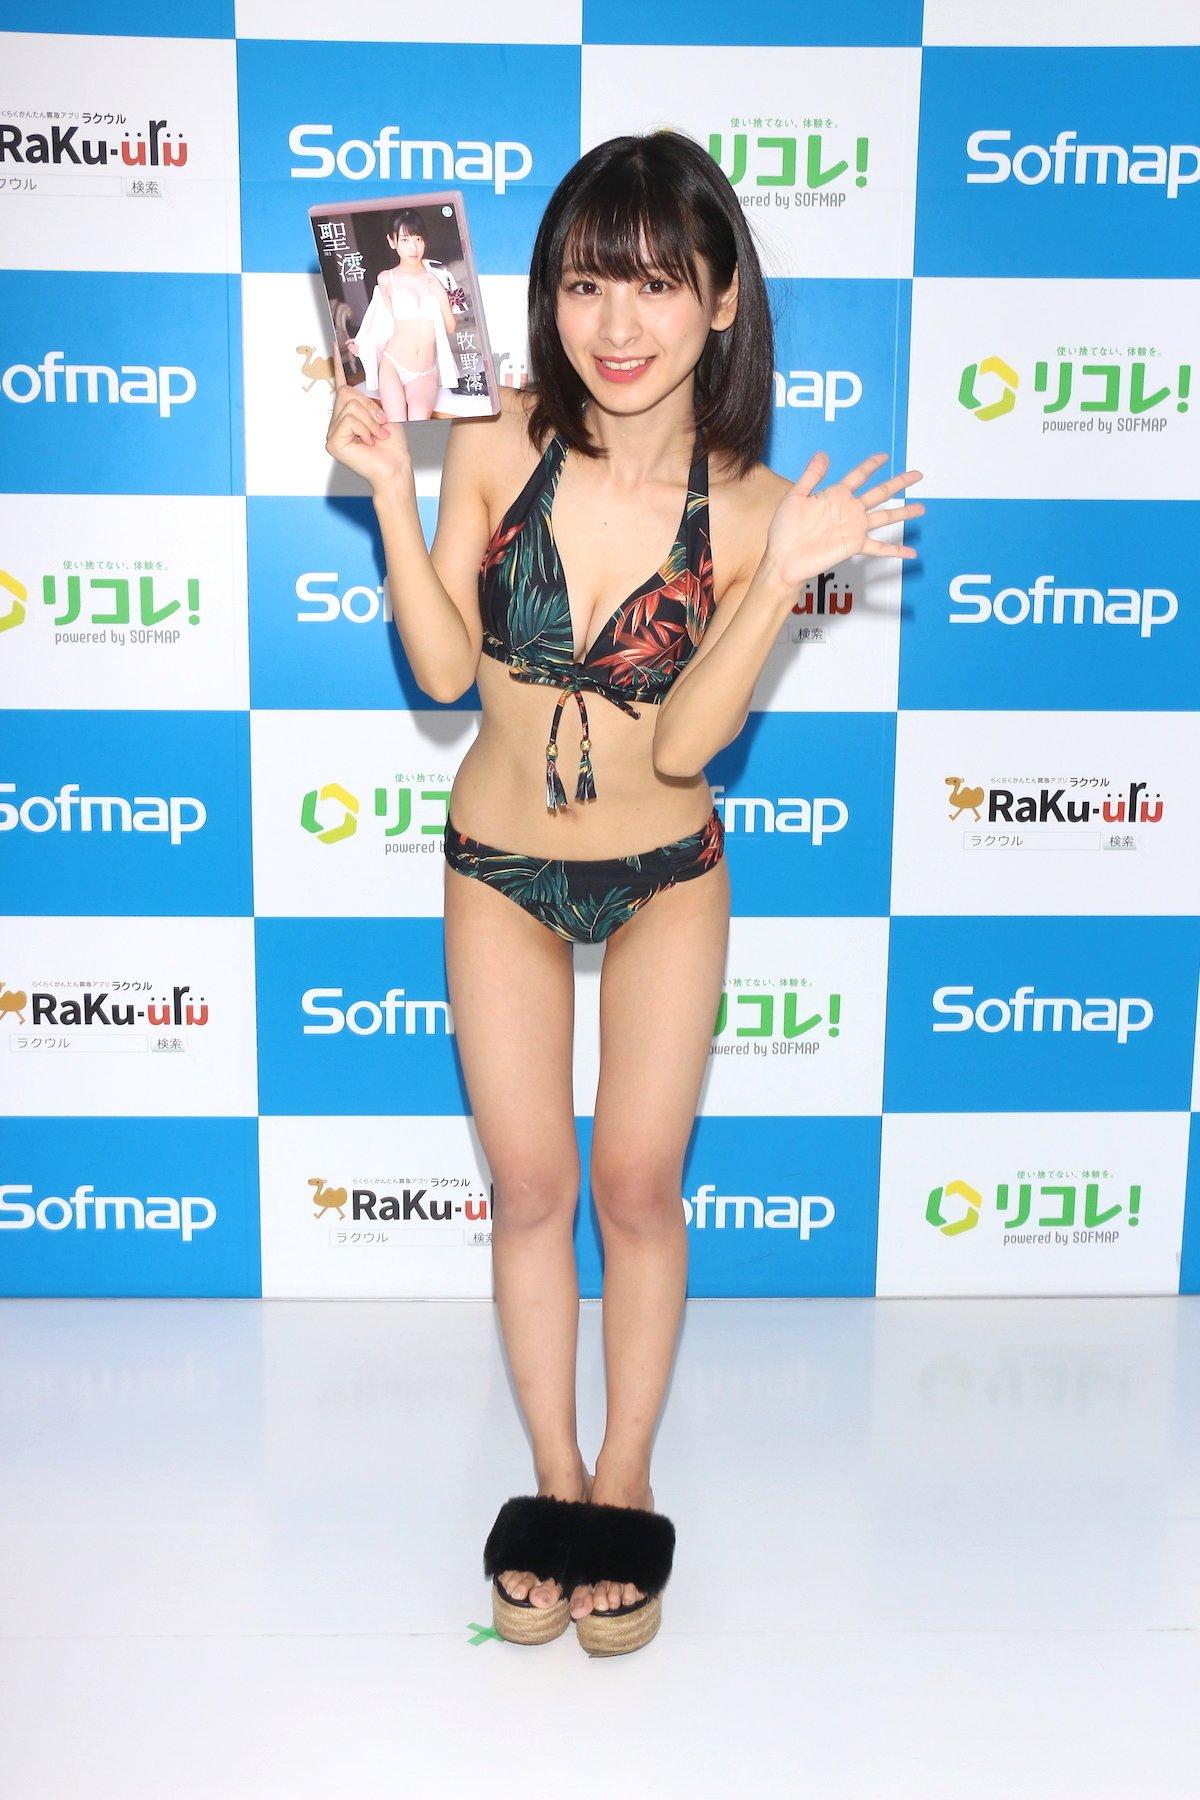 牧野澪菜「144cmのセクシーボディ」スクール水着でやらかしちゃった【画像61枚】の画像053